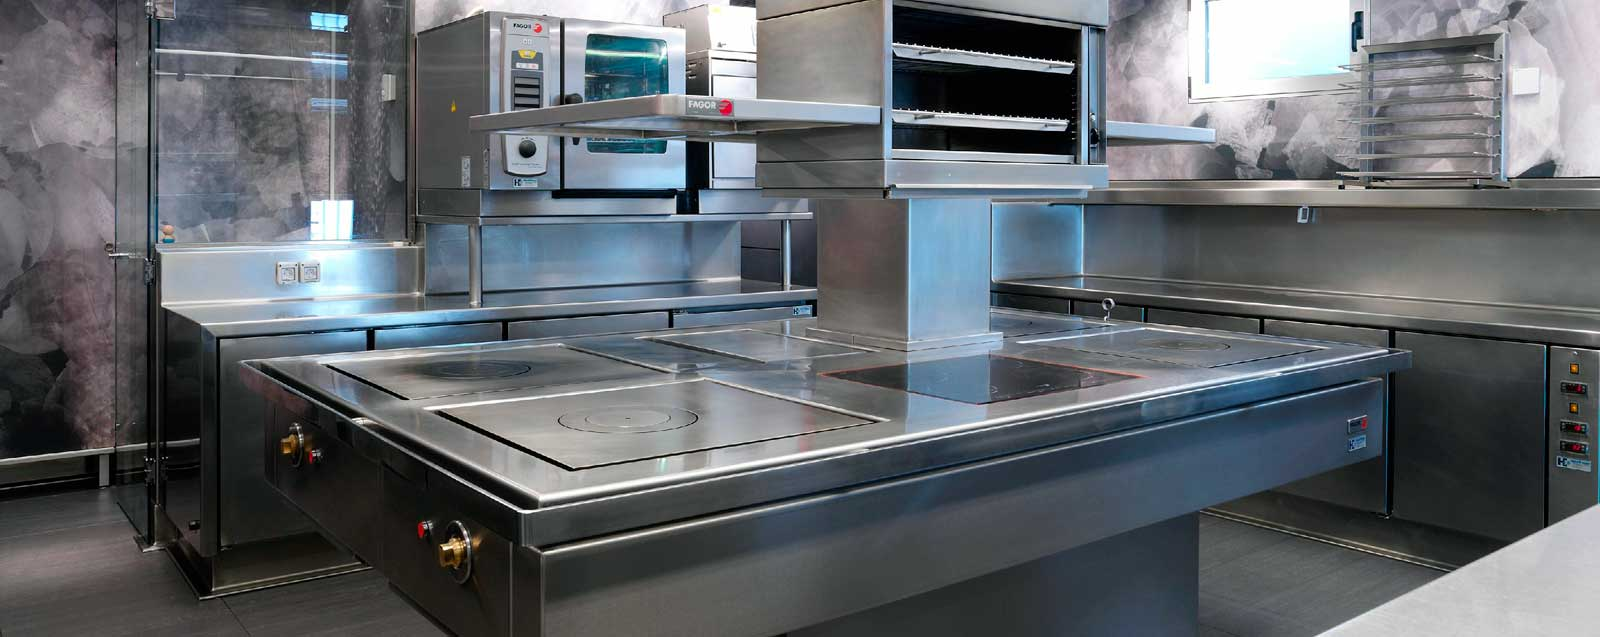 Cocina de Arzak Hosfrinor Equipamiento para la Restauración, Hostelería y Colectividades